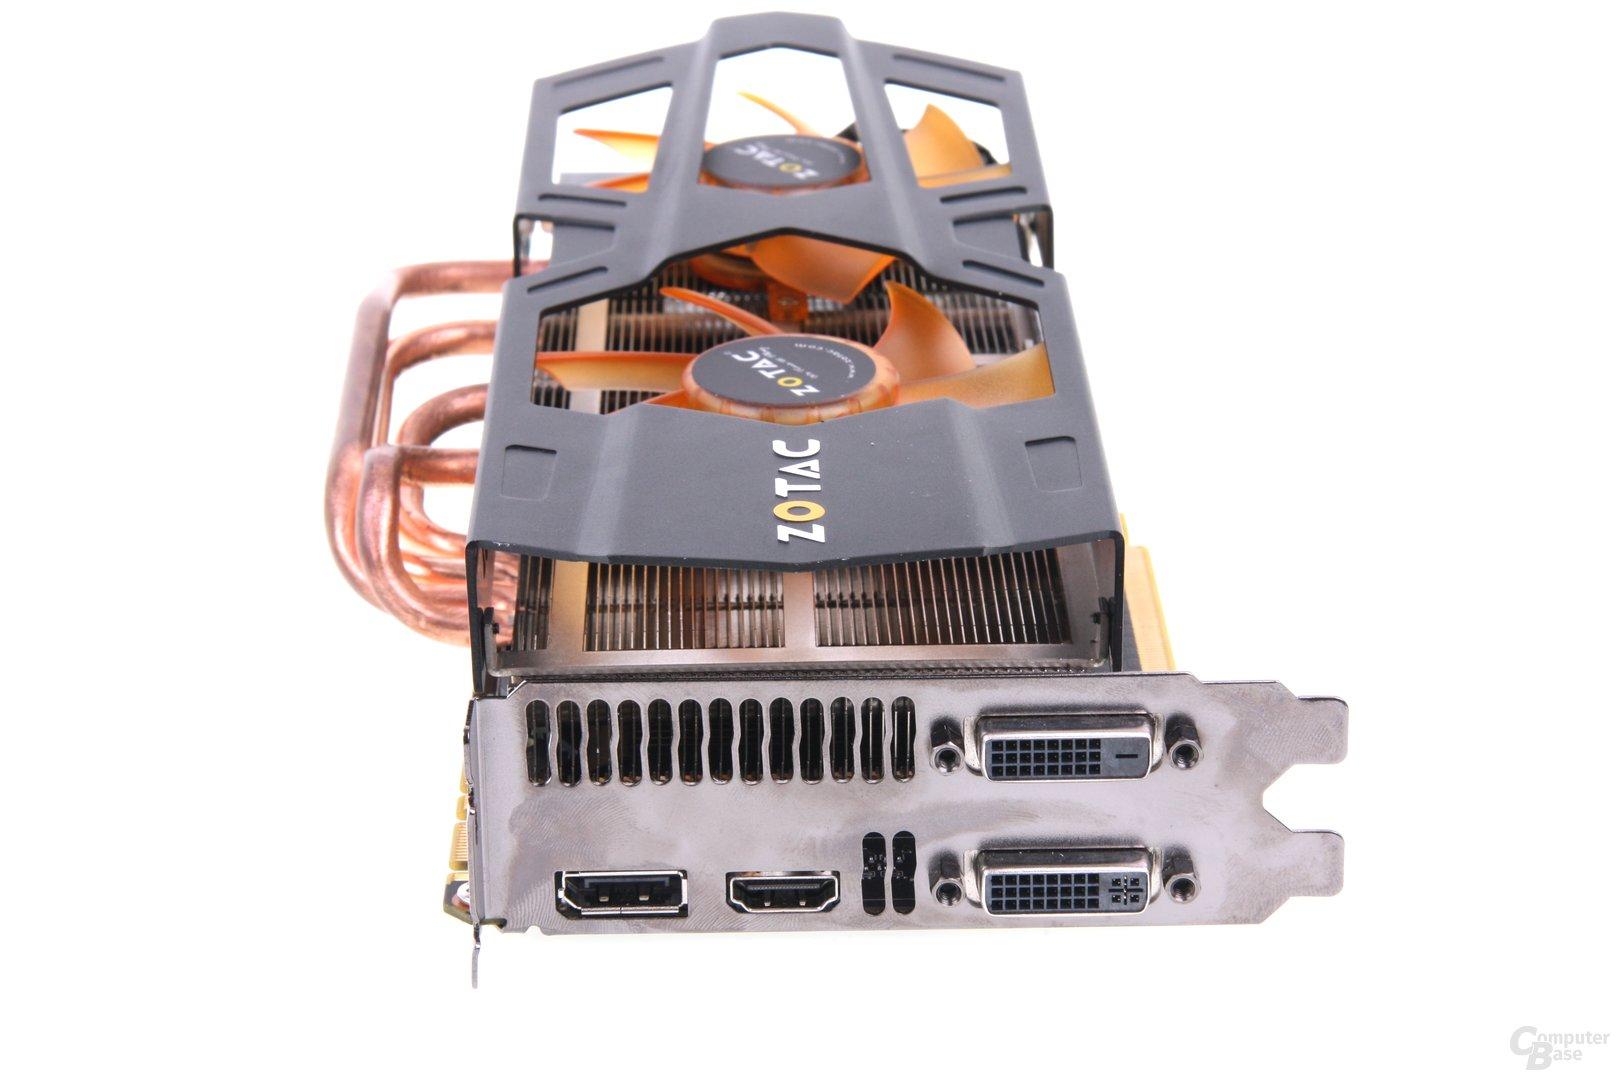 GeForce GTX 680 AMP! Slotblech